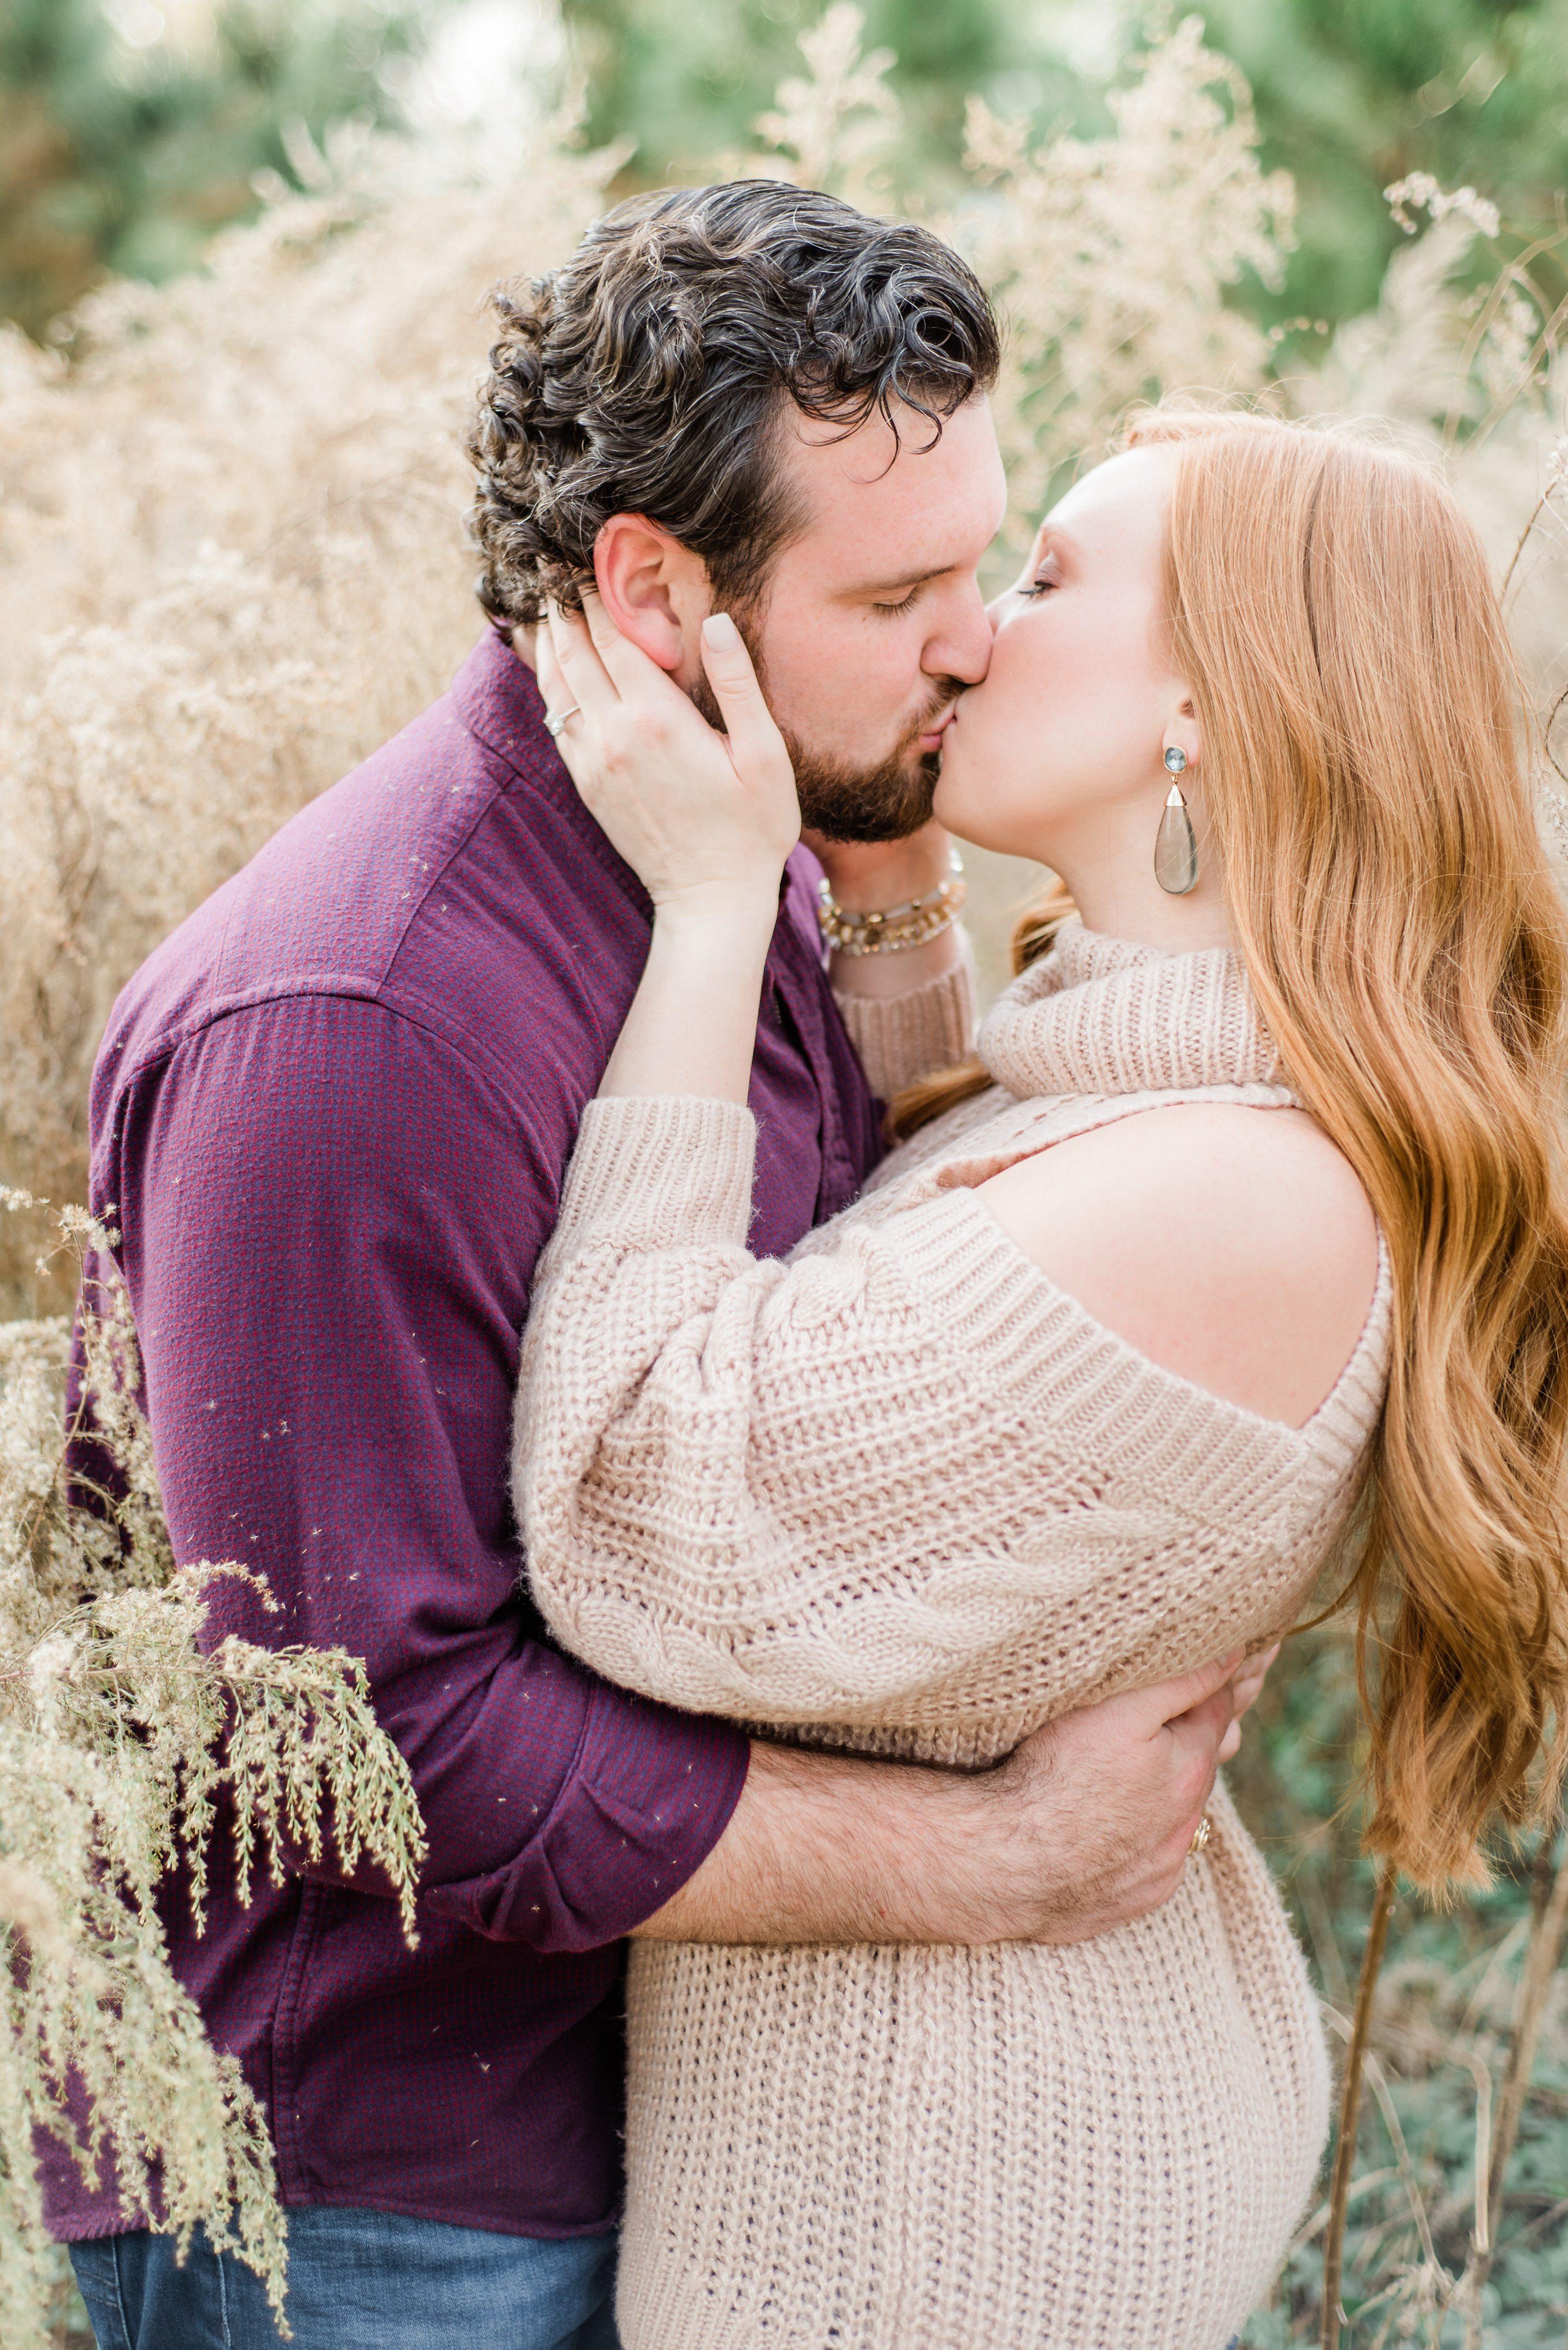 Texas,Husband & Wife Team